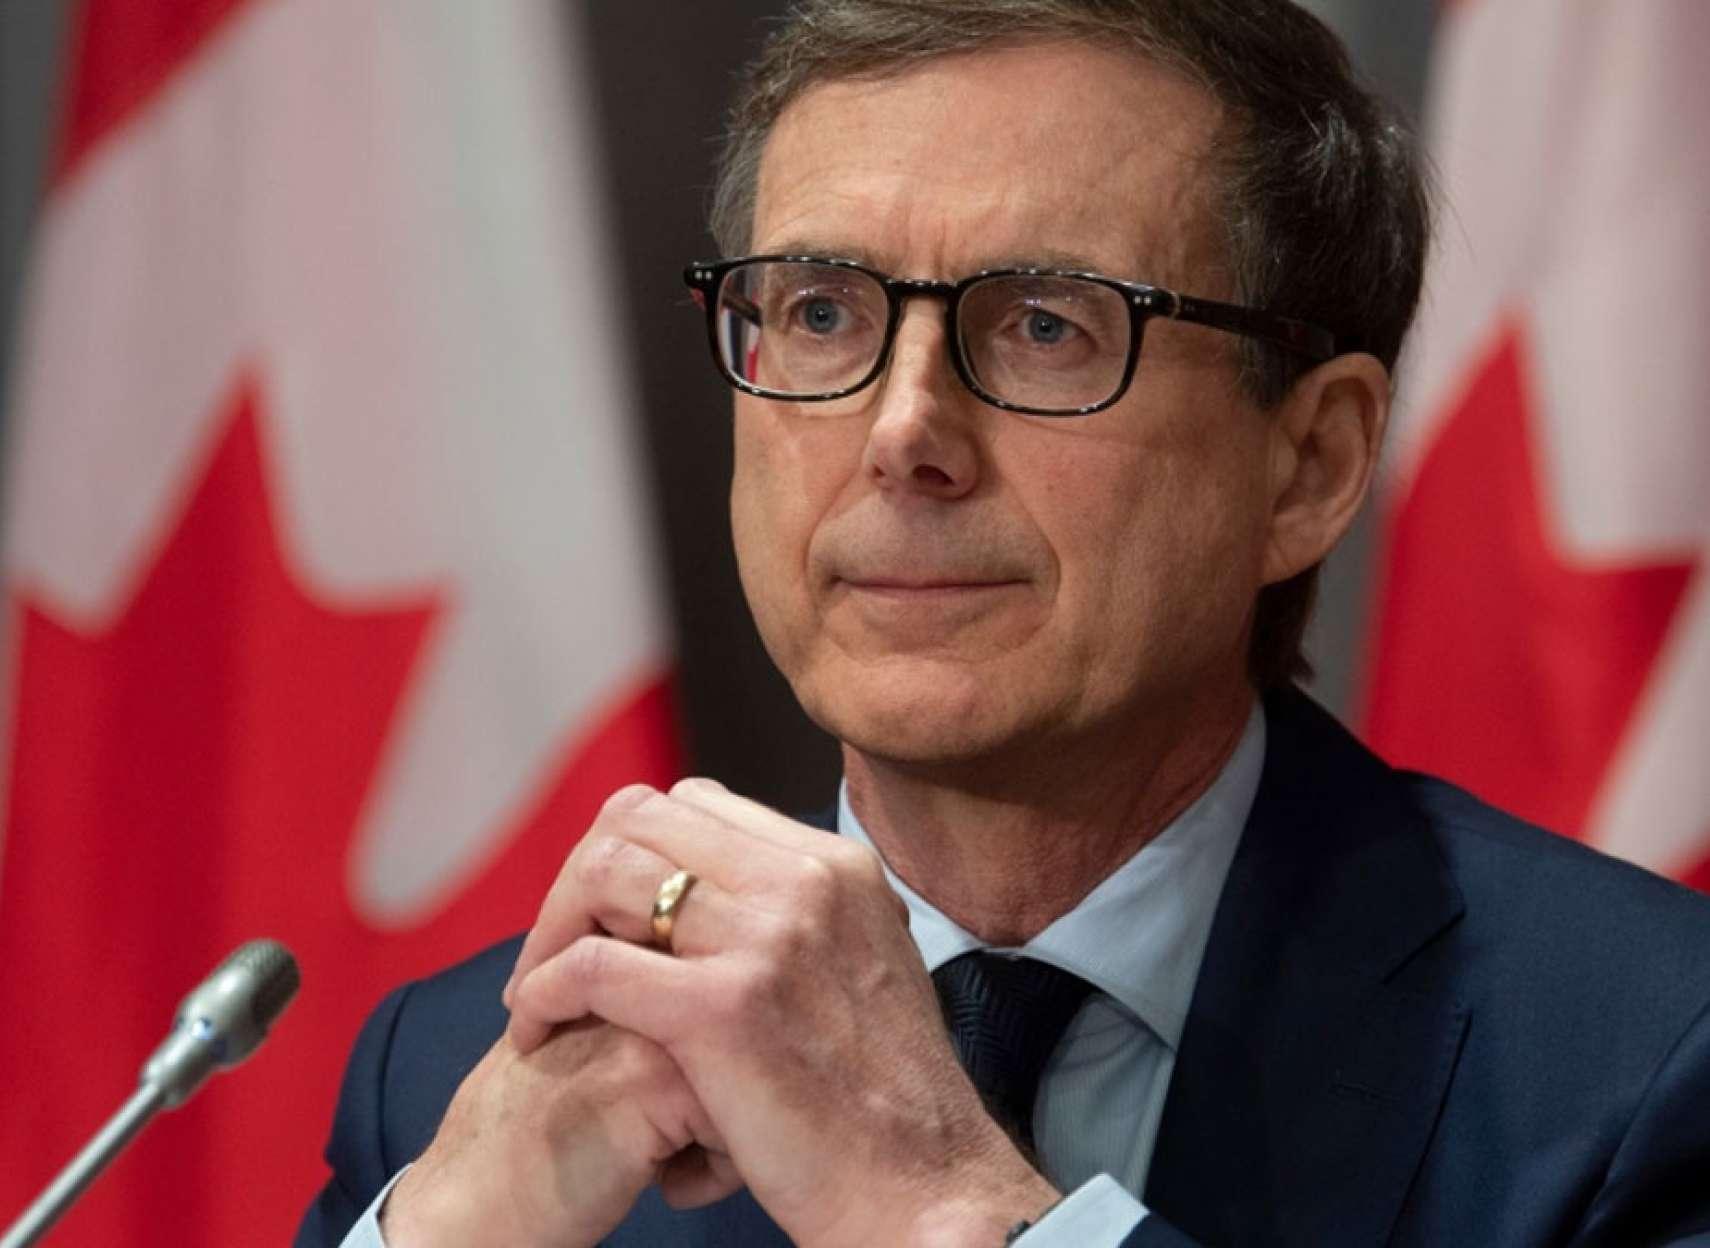 اخبار-کانادا-آیا-بانک-مرکزی-کانادا-در-راه-بالا-بردن-نرخ-بهره-هاست